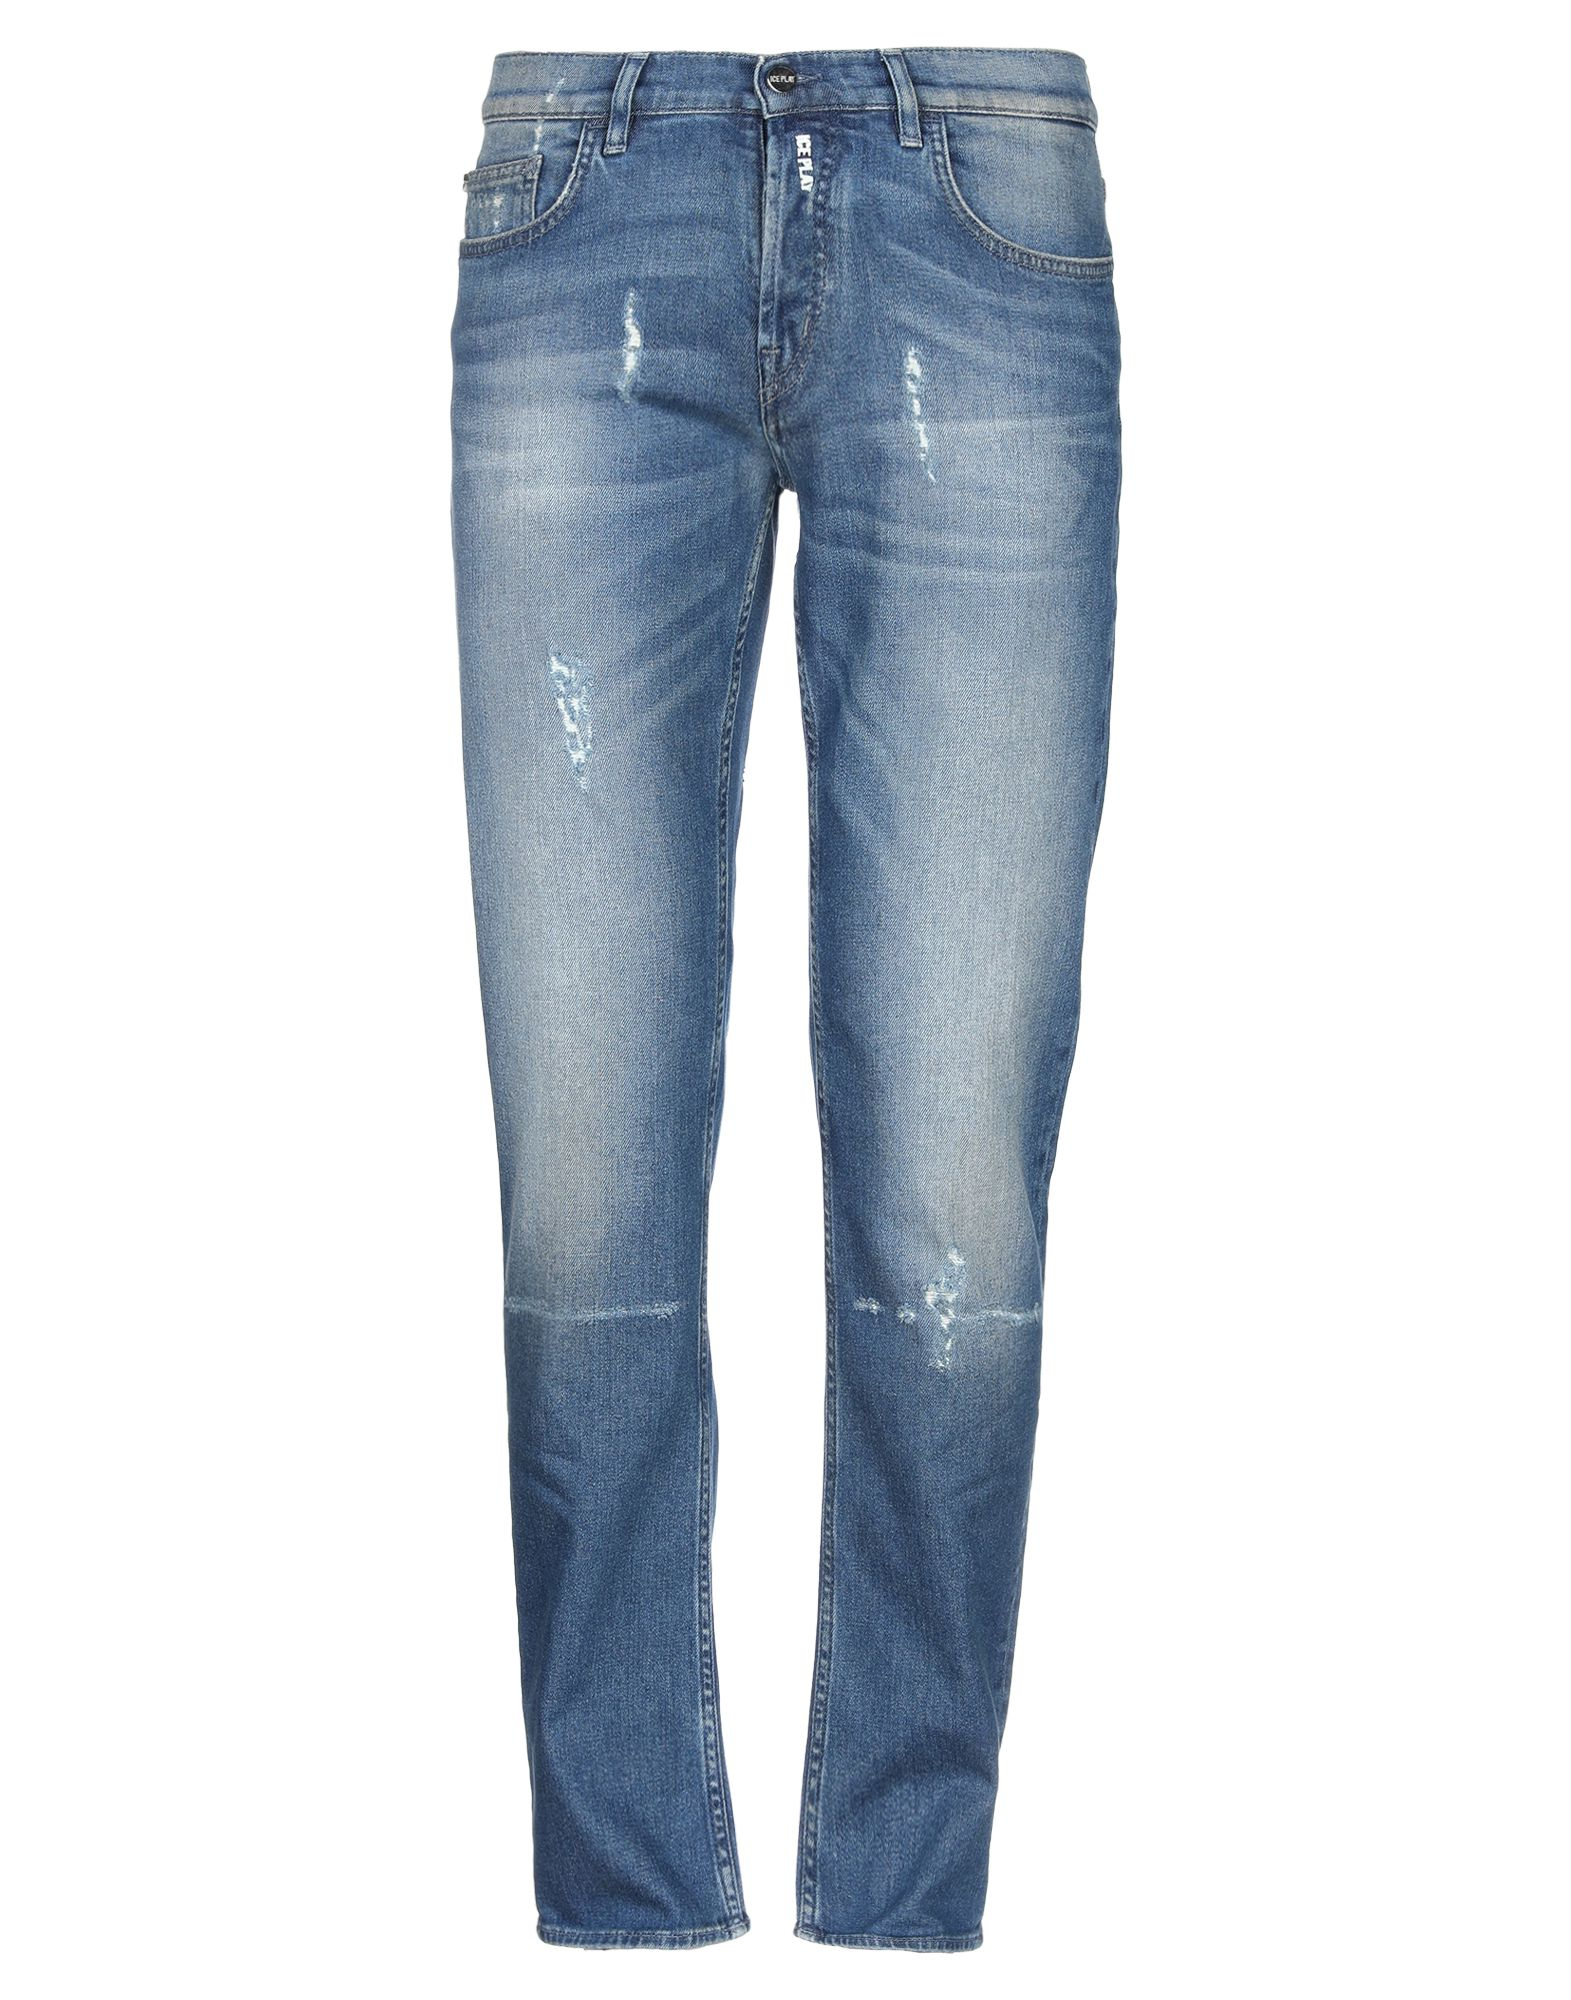 Фото - ICE PLAY Джинсовые брюки ice play джинсовые брюки